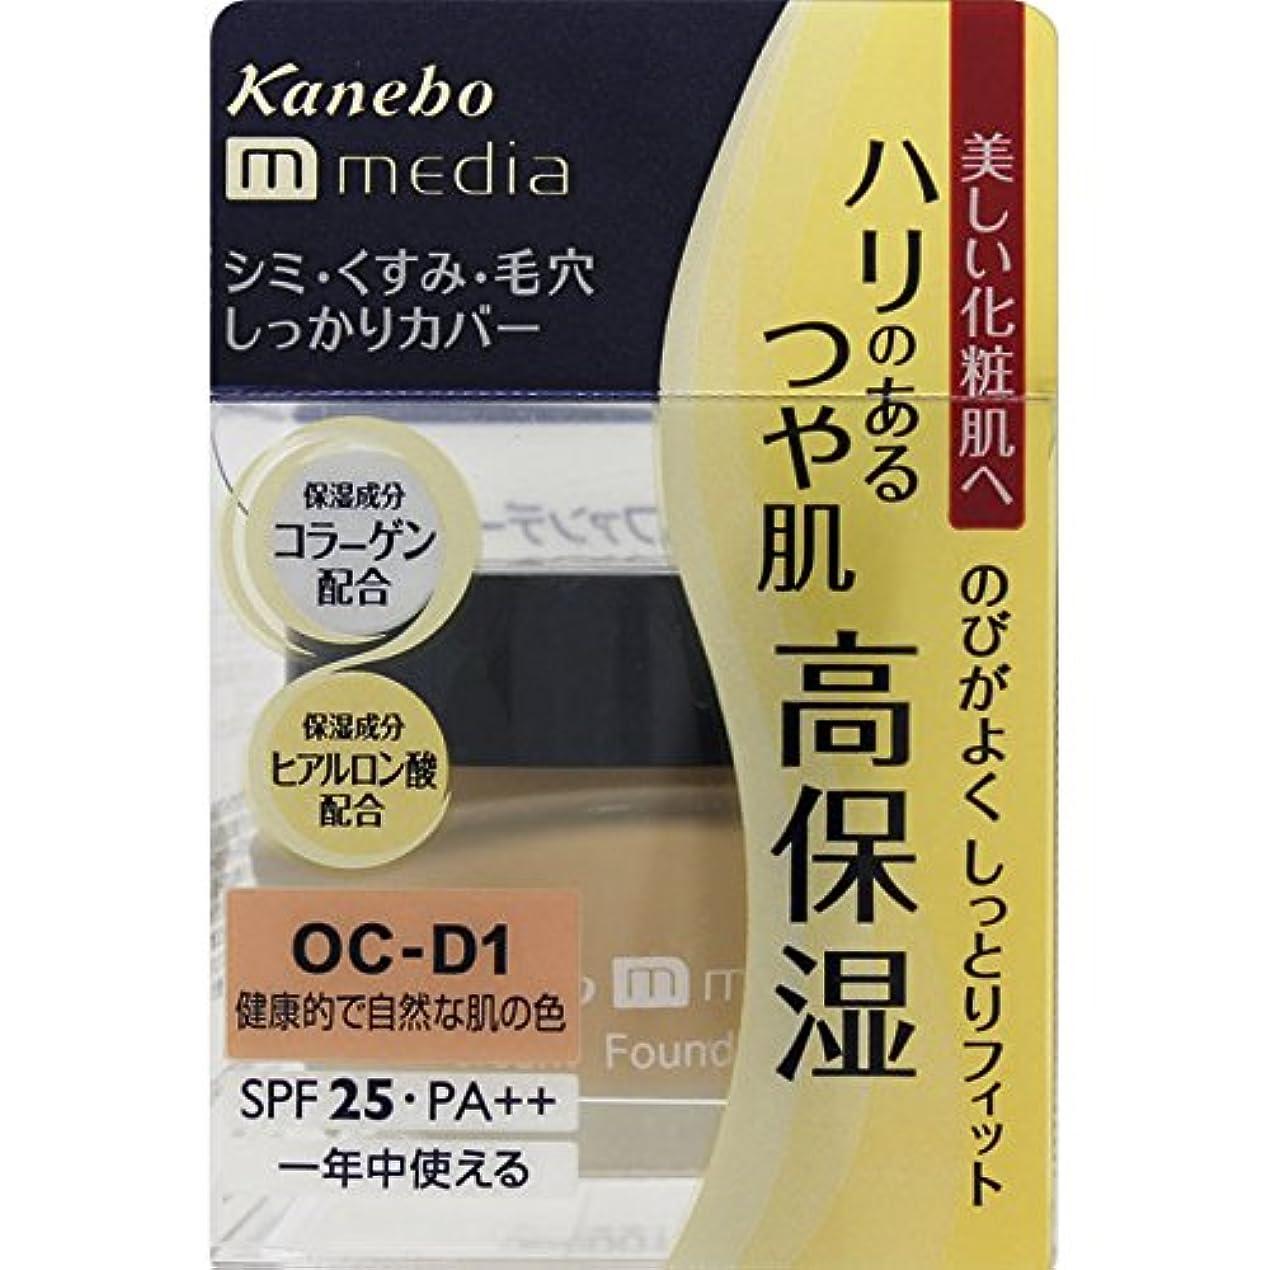 期待して気体の形容詞カネボウ化粧品 メディア クリームファンデーション 健康的で自然な肌の色 OC-D1